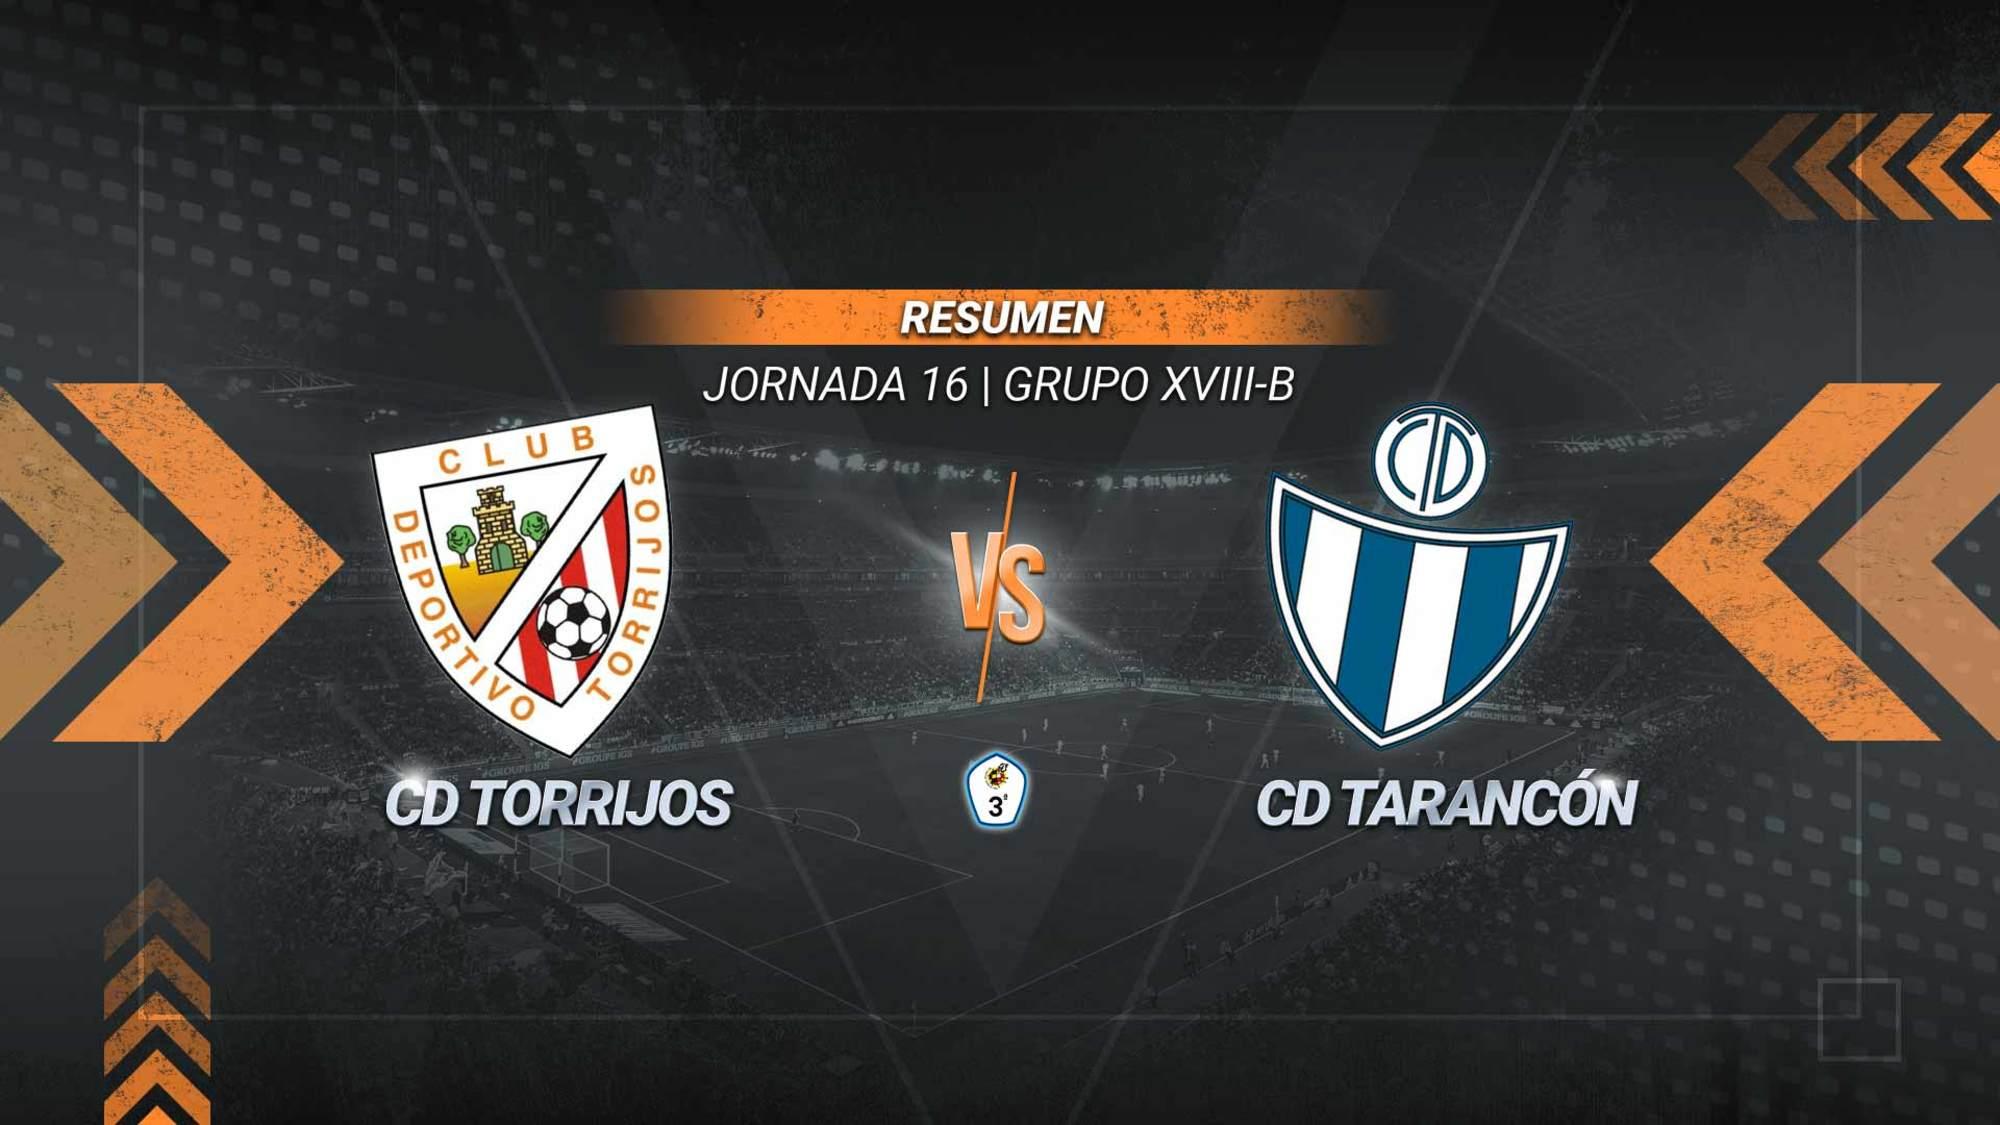 Reparto de puntos entre Torrijos y Tarancón en un partido en el que los locales se adelantaron con un gol de Pipistrelli y Cheki firmó el 1-1 definitivo.